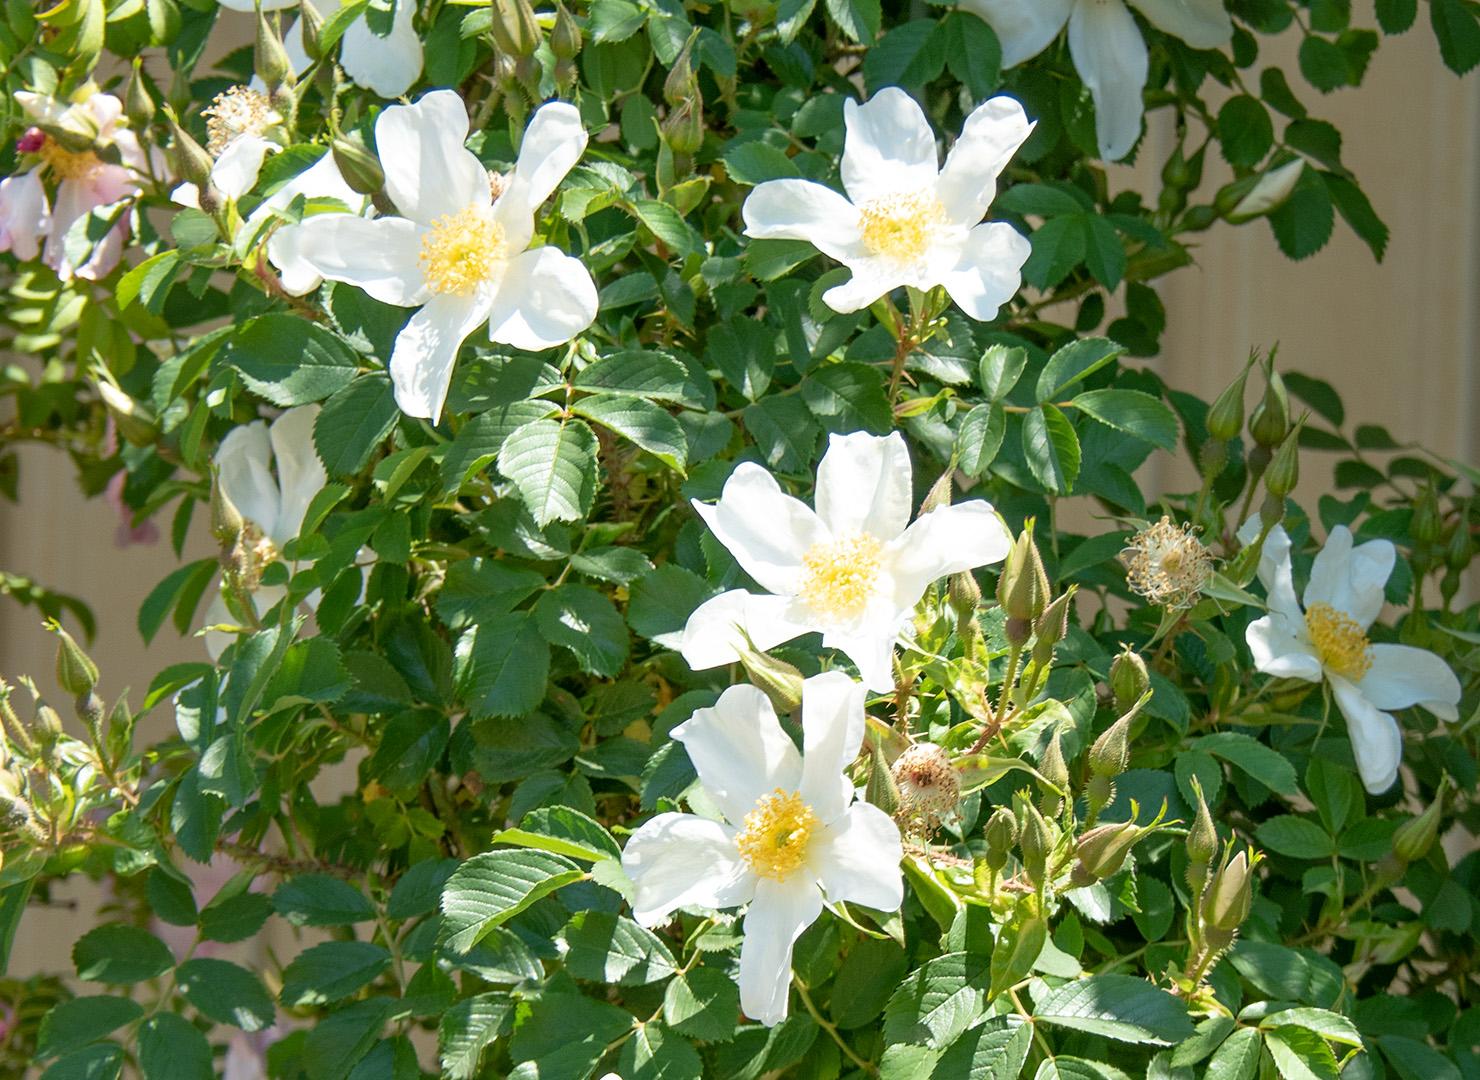 ロサ ポーリー - Rosa paulii